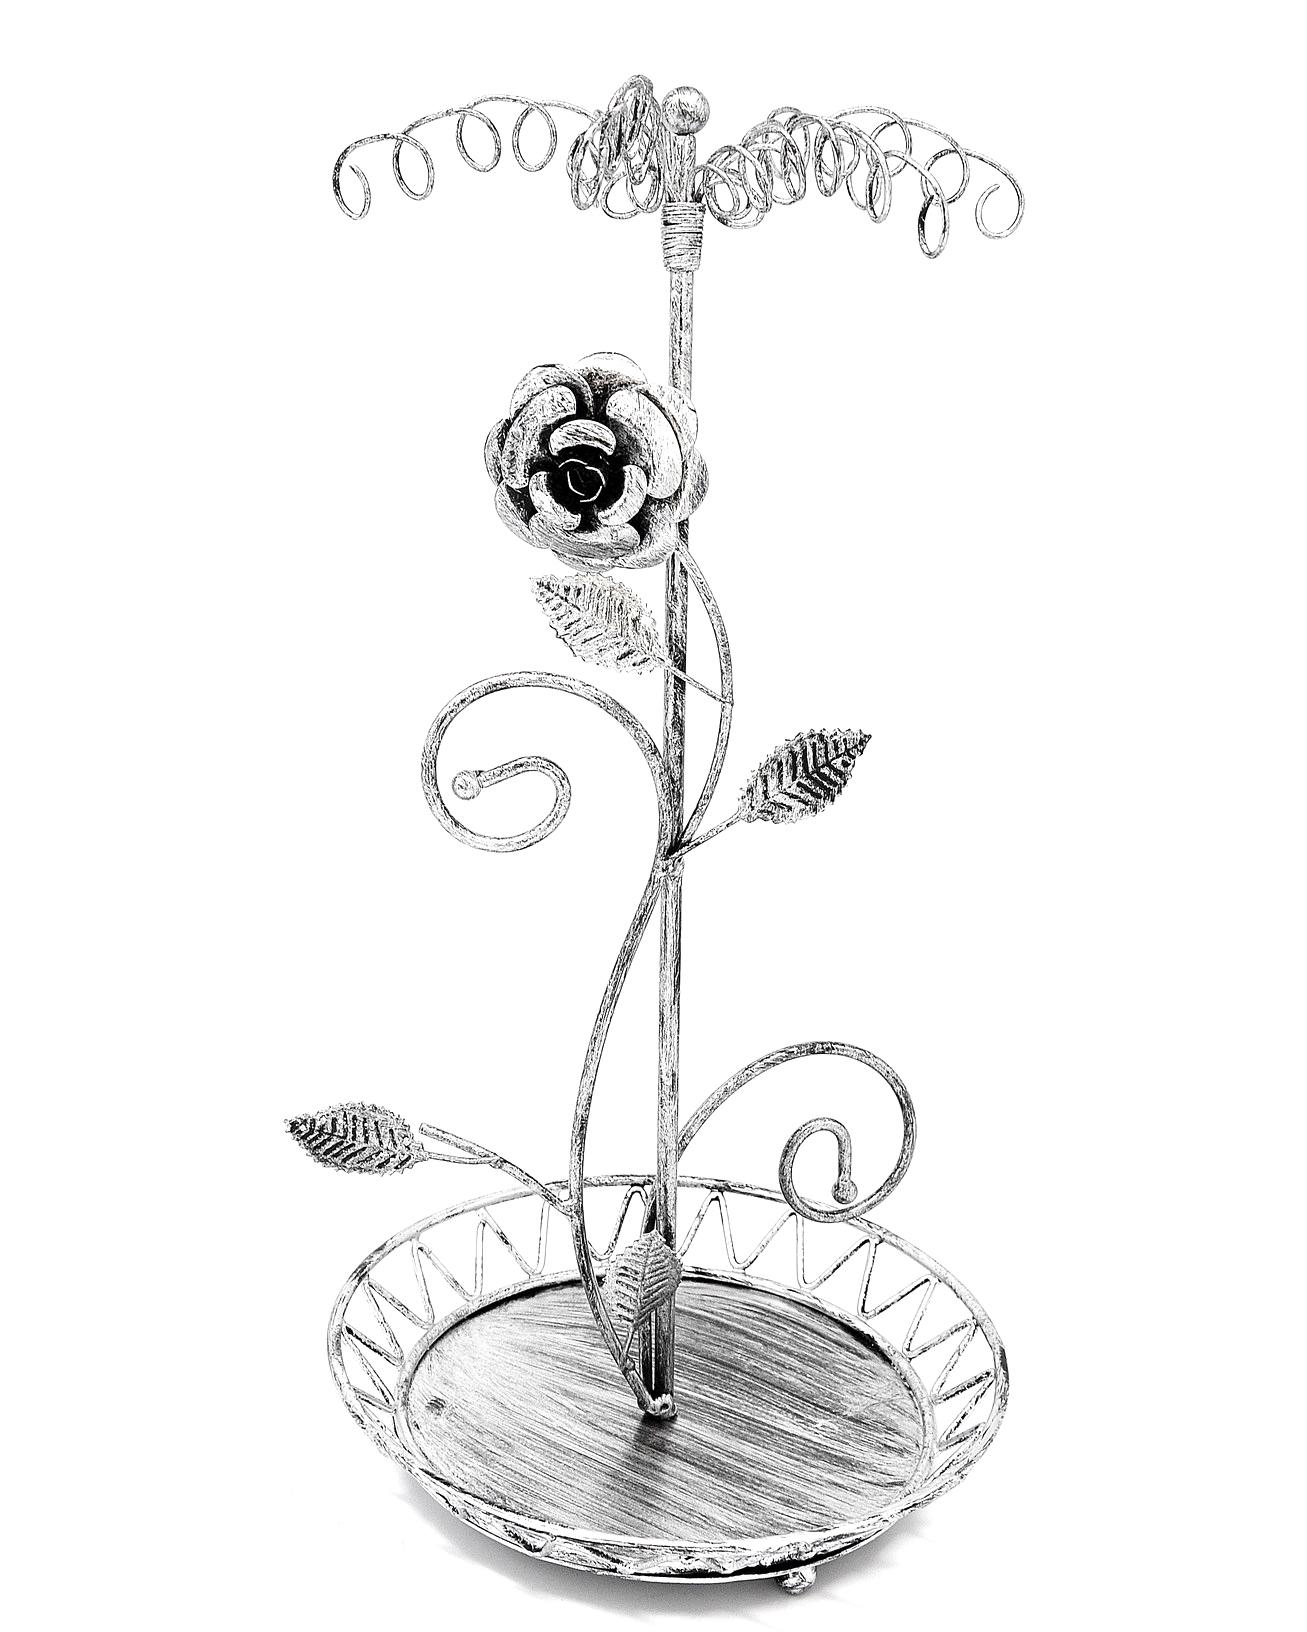 Prb16 Presentoir Bijoux Arbre Fleur Pour Colliers Bracelets Porte Cles Bagues Gris Patine Oh My Shop